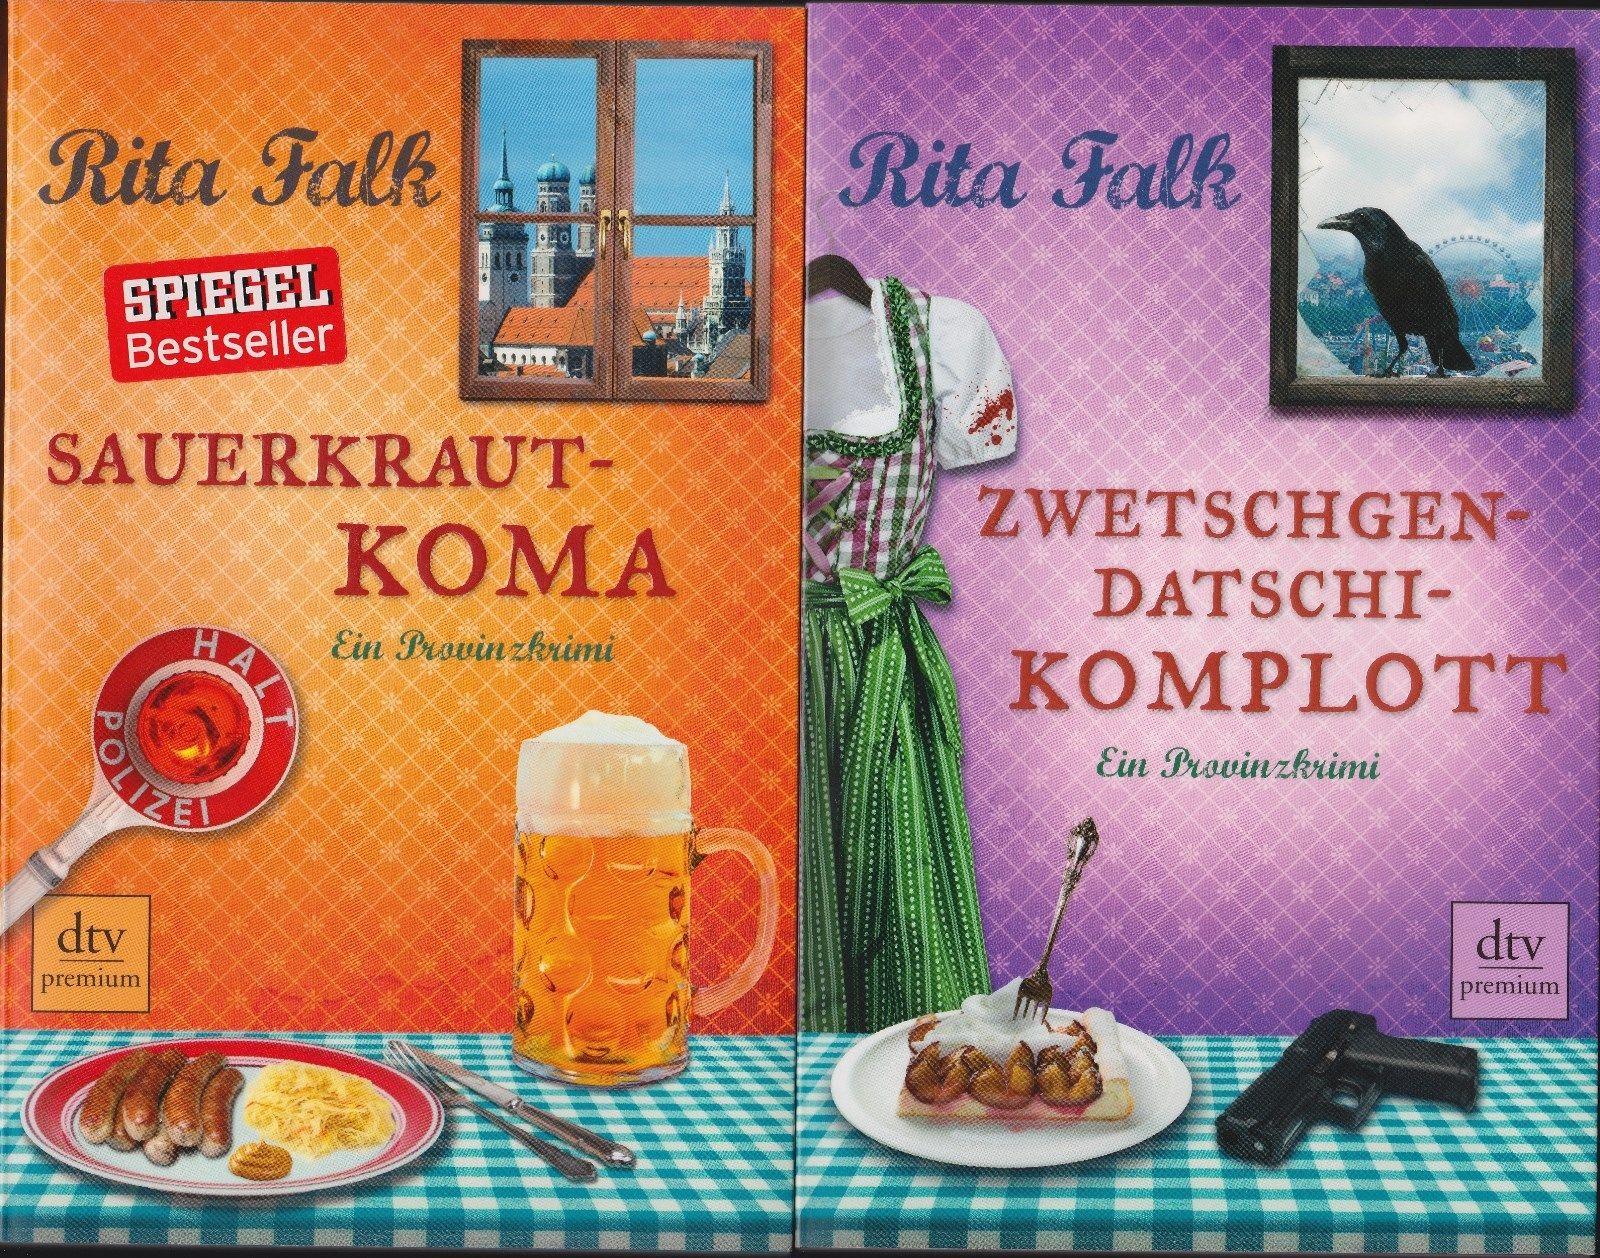 Sauerkrautkoma und Zwetschgendatschikomplott von Rita Falk